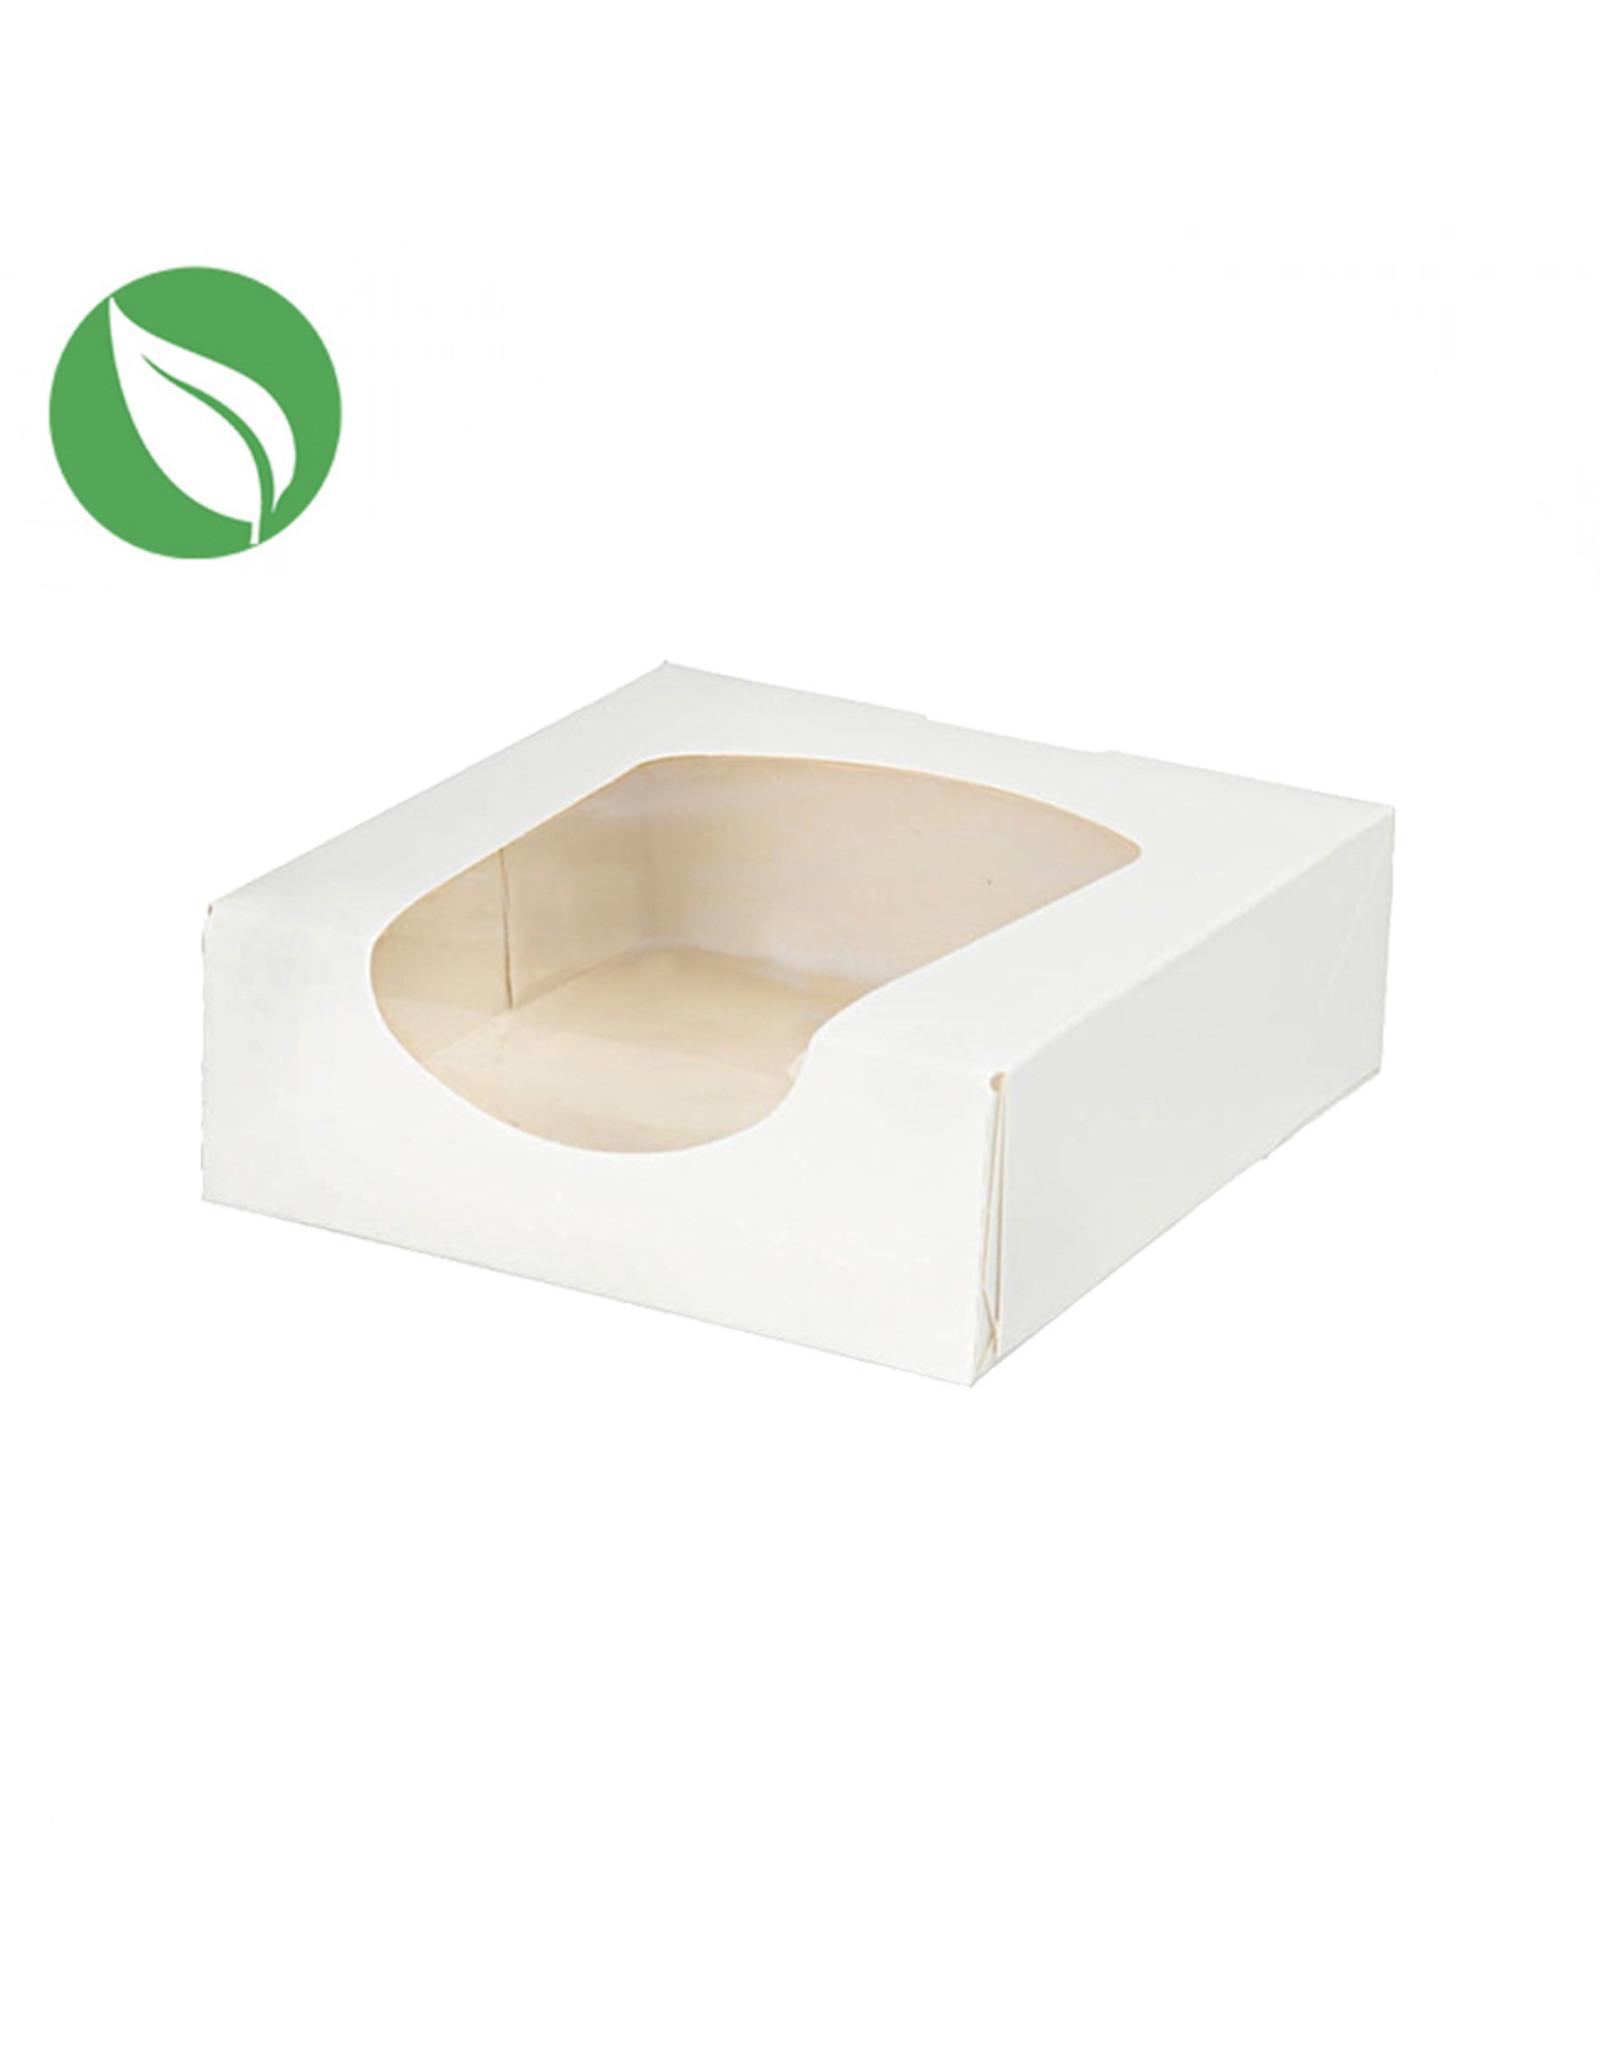 biologisch wit doosje voor 1 donut, brownies, macarons, chocolade, etc. (per 250 stuks)